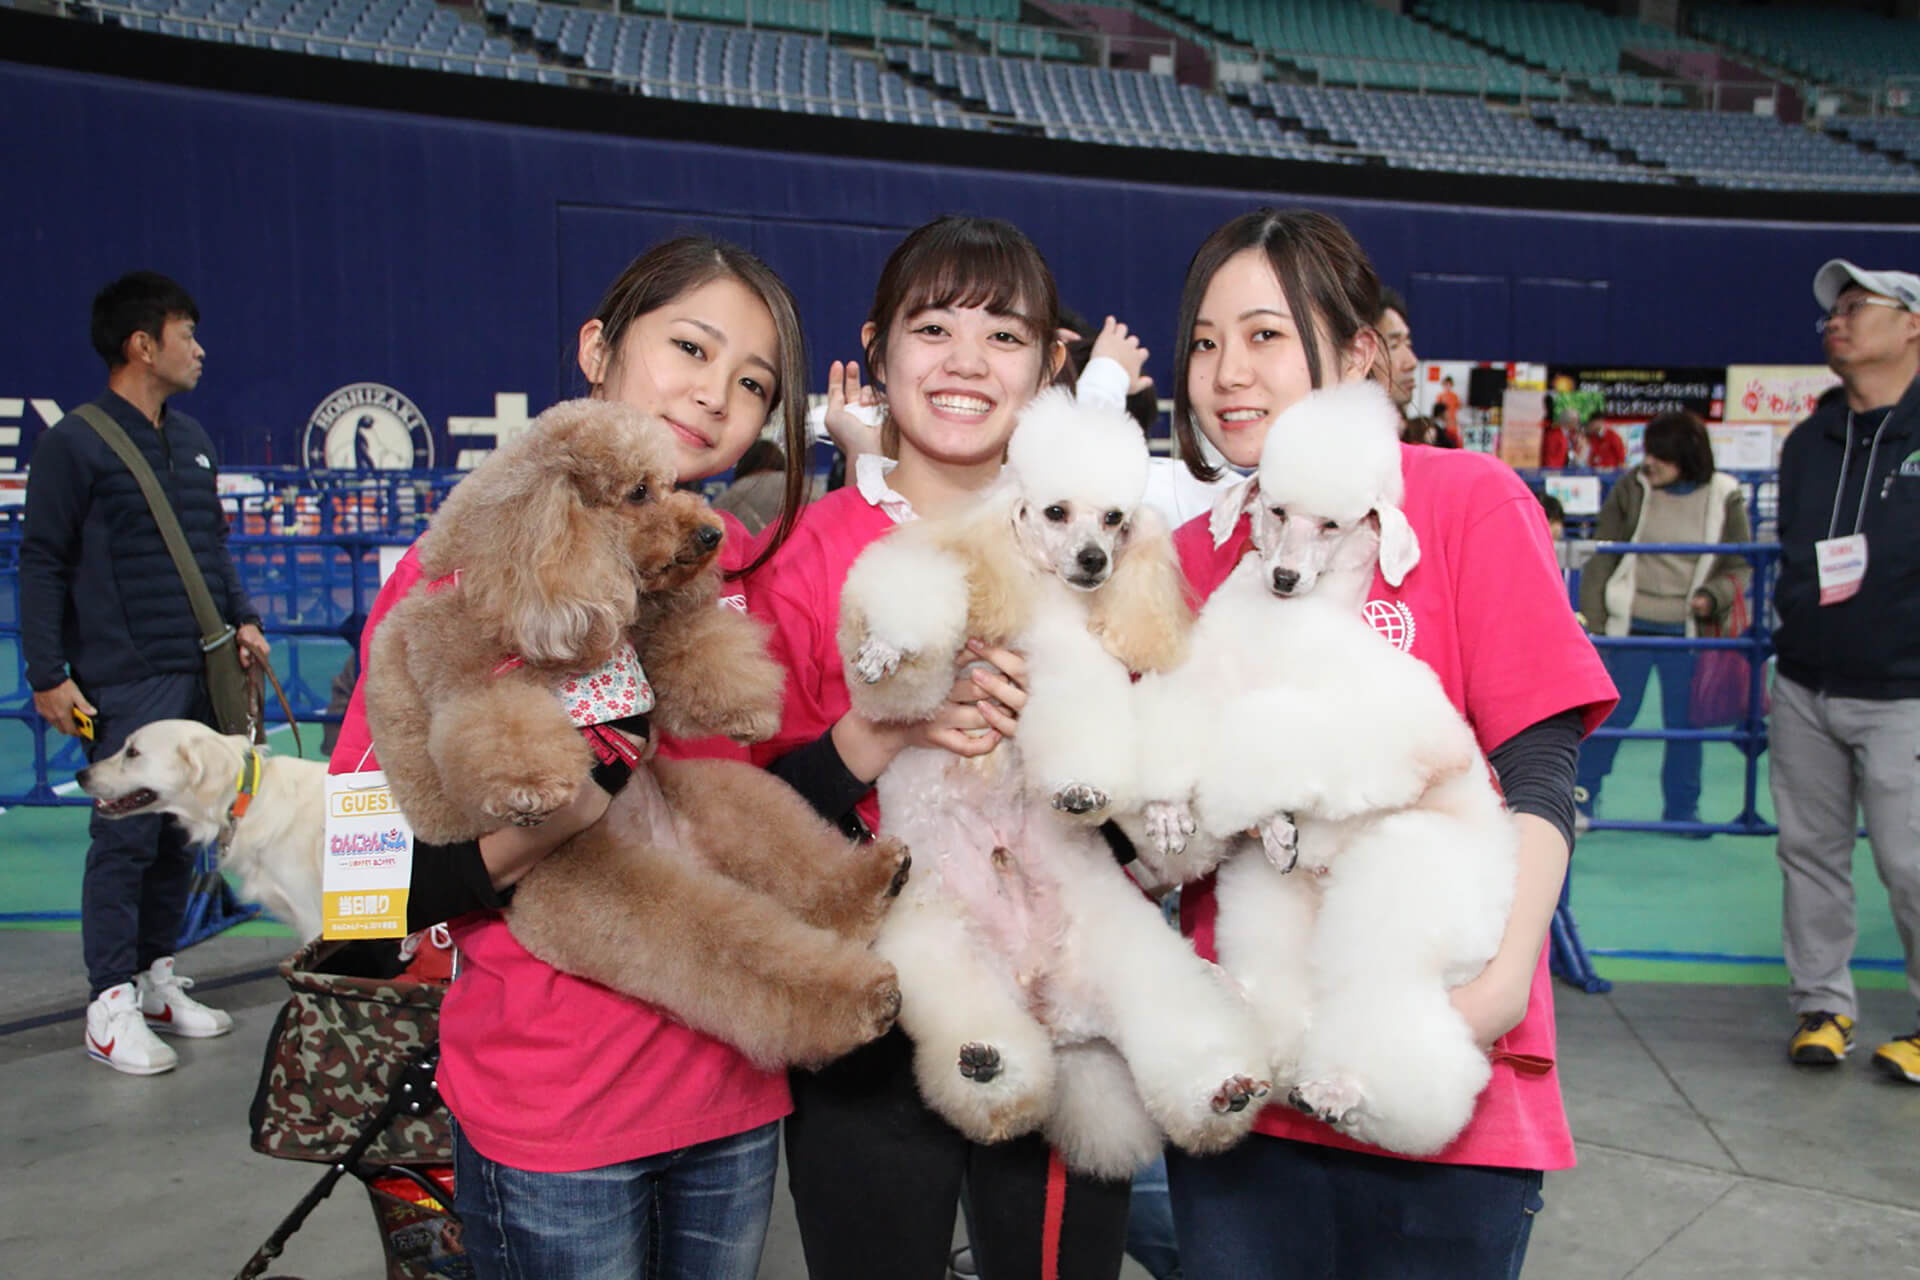 この写真はわんにゃんドーム2019の過去開催の様子で、犬を抱っこしているスタッフです